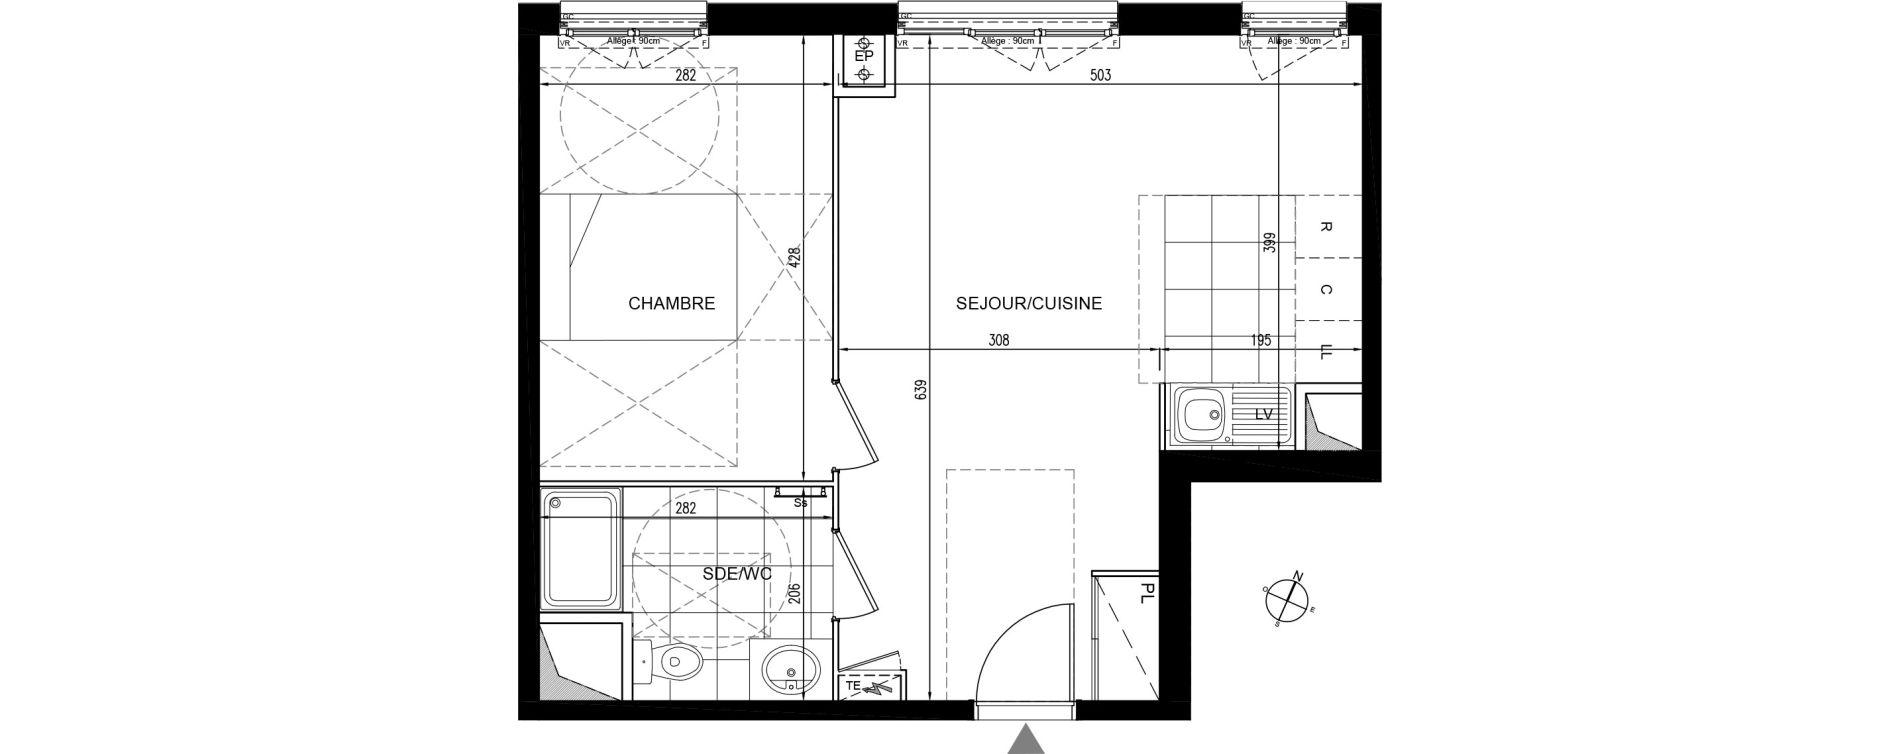 Appartement T2 de 43,64 m2 à Houilles Centre